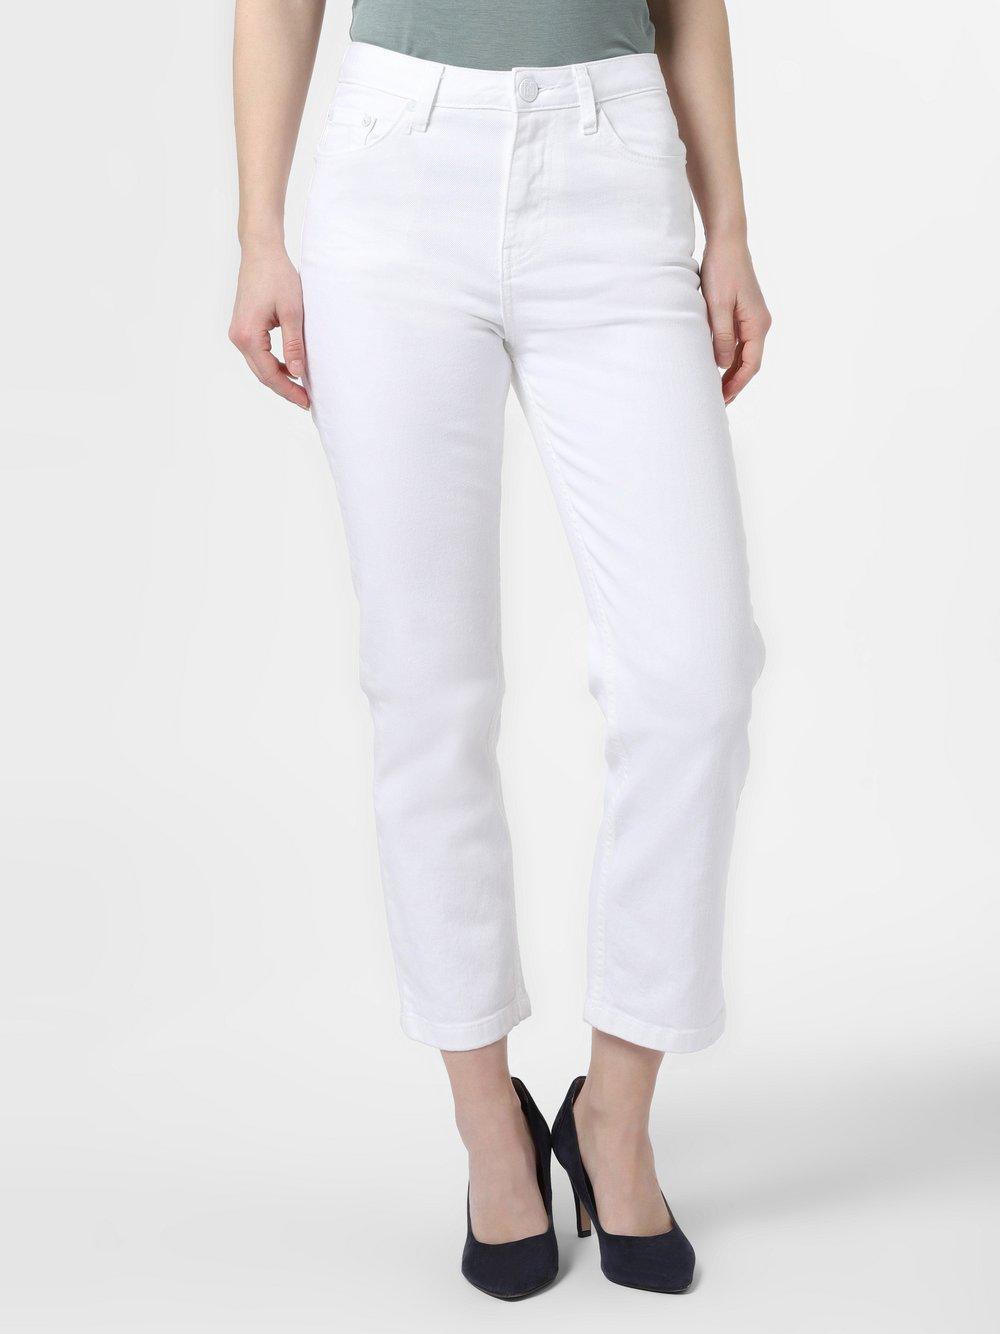 NIKKIE – Spodnie damskie – Celly, biały Van Graaf 465055-0001-00260